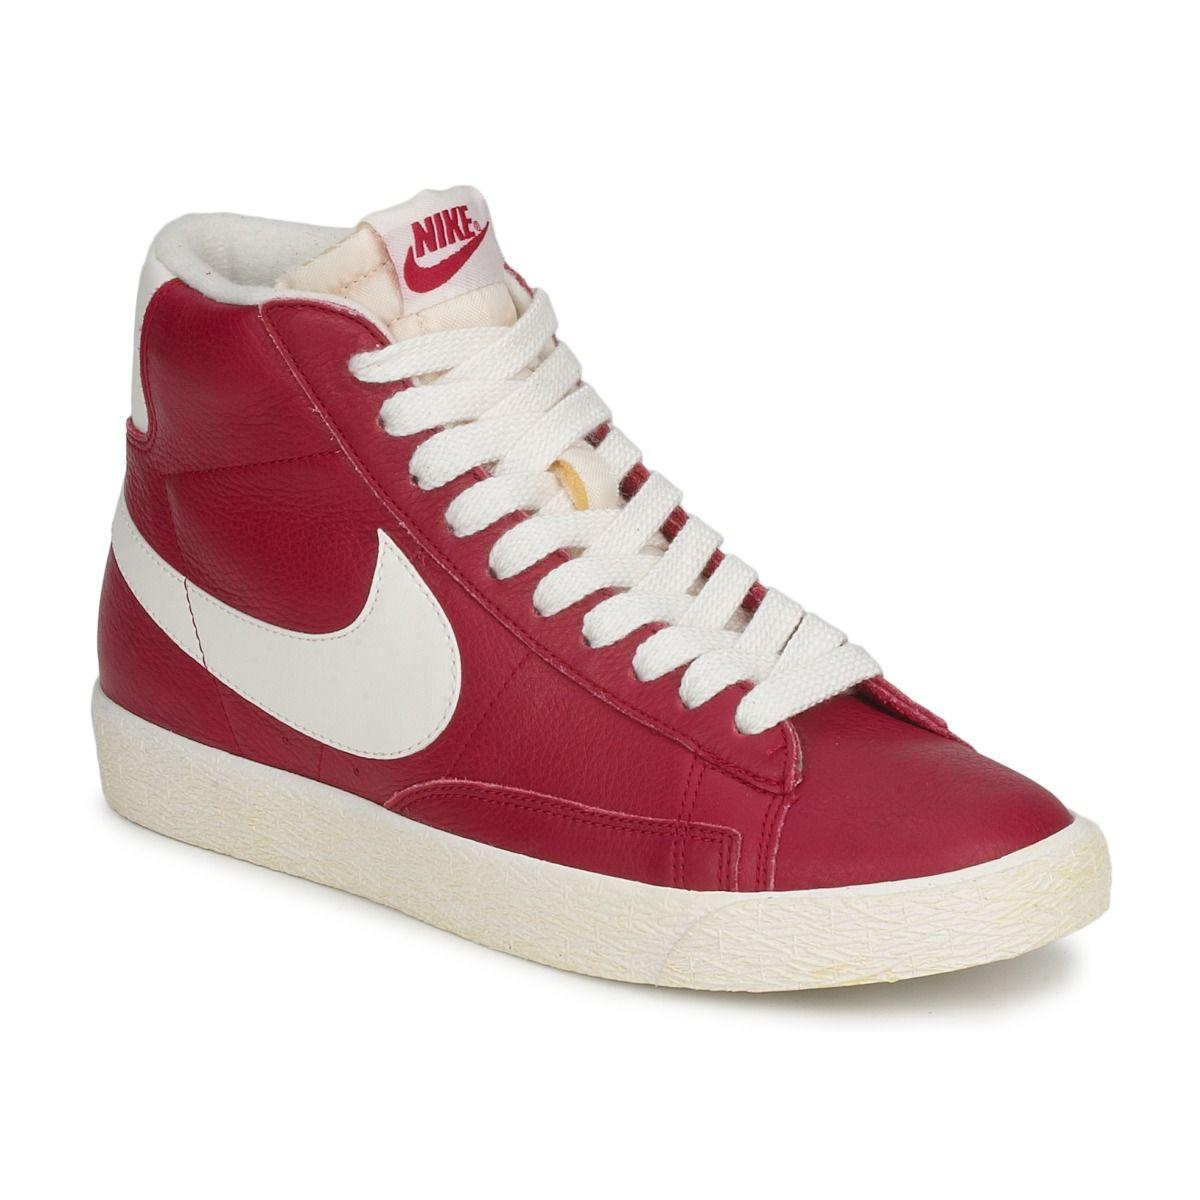 look streatwear Pinterest Basket montante nike, montante Basket montante  nike, b05fc6 076ce450d560